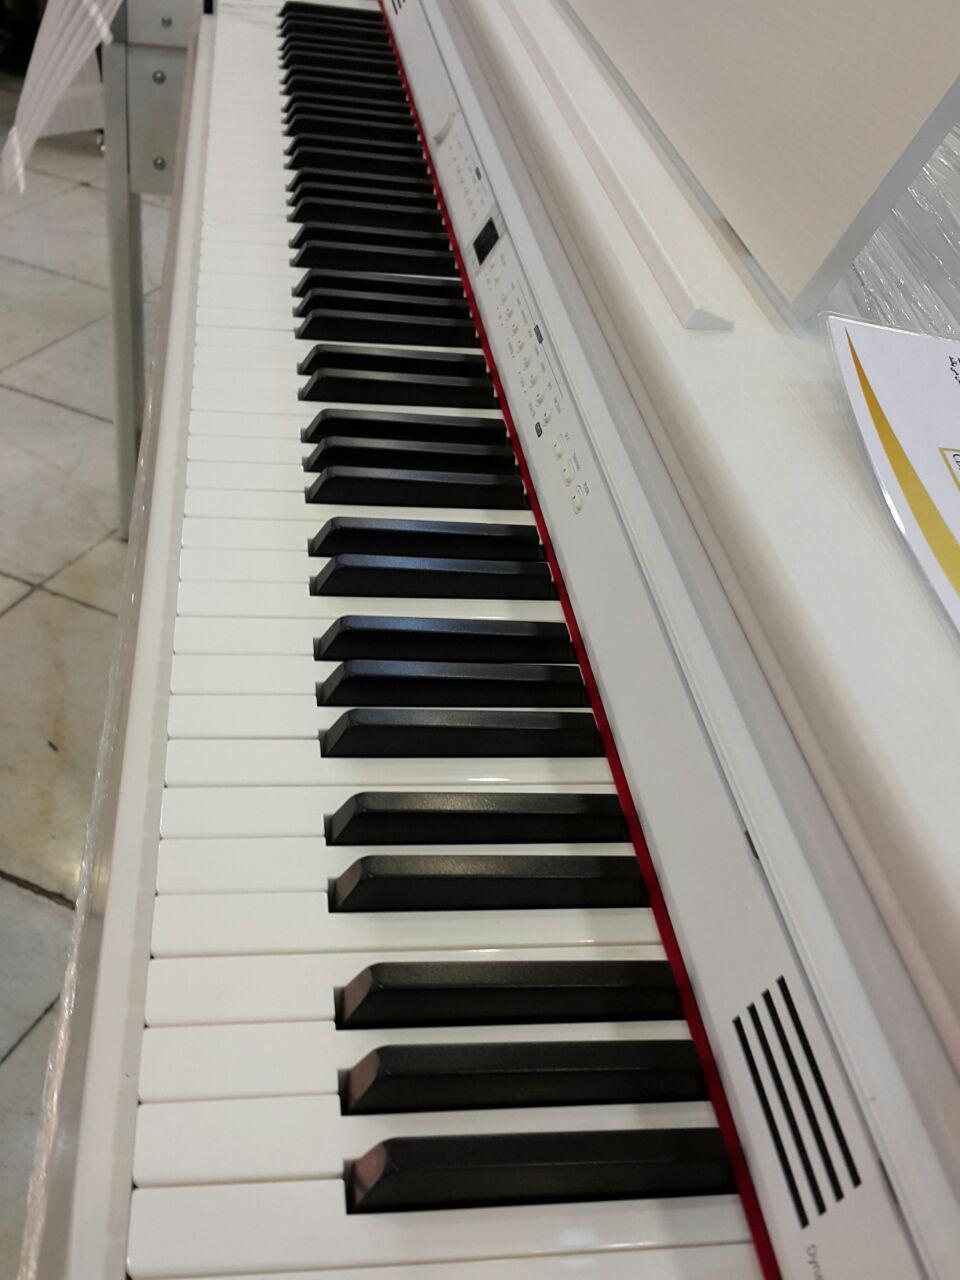 فقط با 2 میلیون صاحب پیانو شوید(فروش فوق العاده)